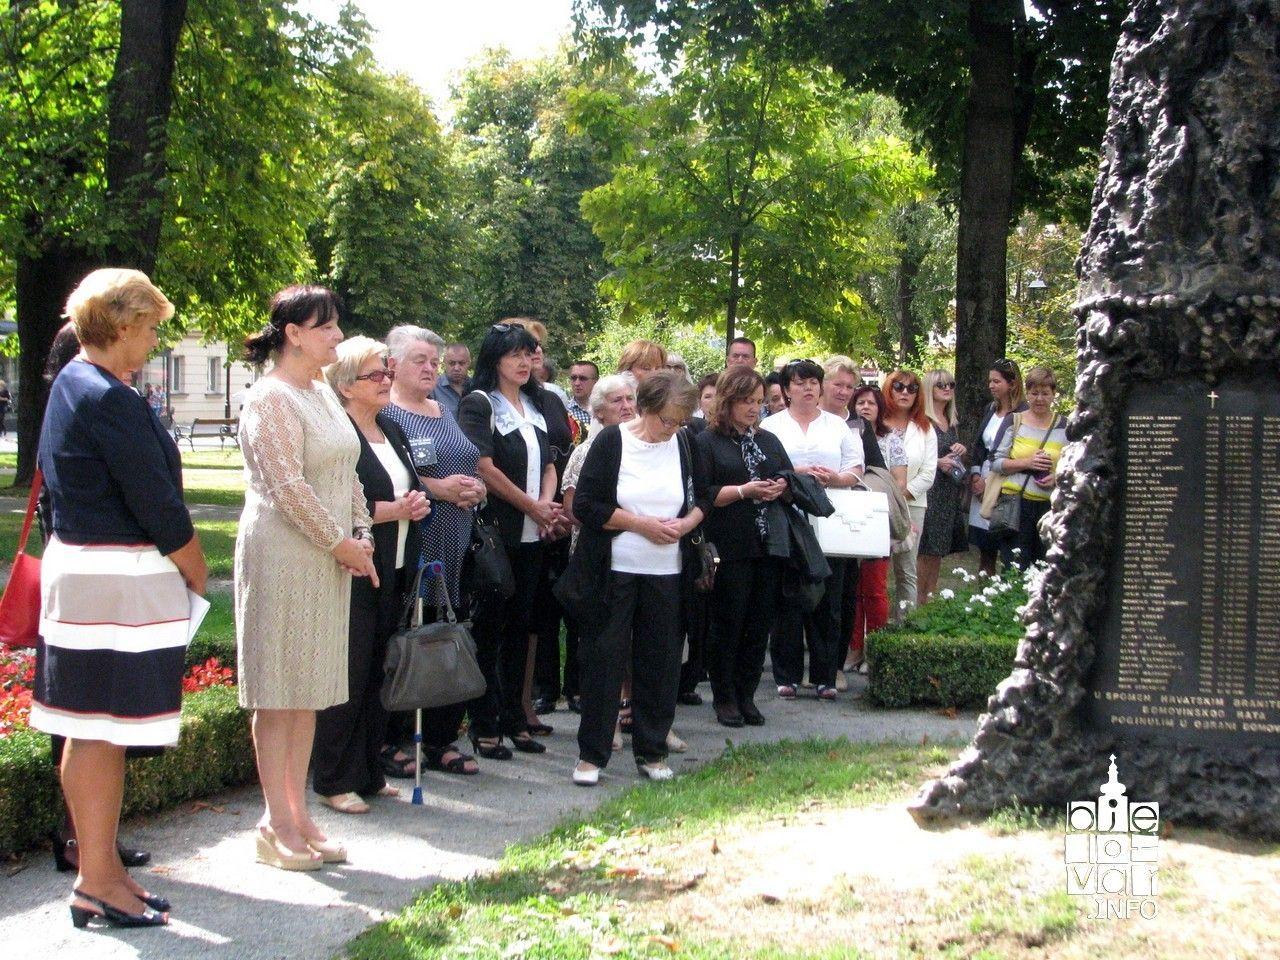 Obilježena 26. obljetnica osnivanja ''Bedema ljubavi'', pokreta majki za mir